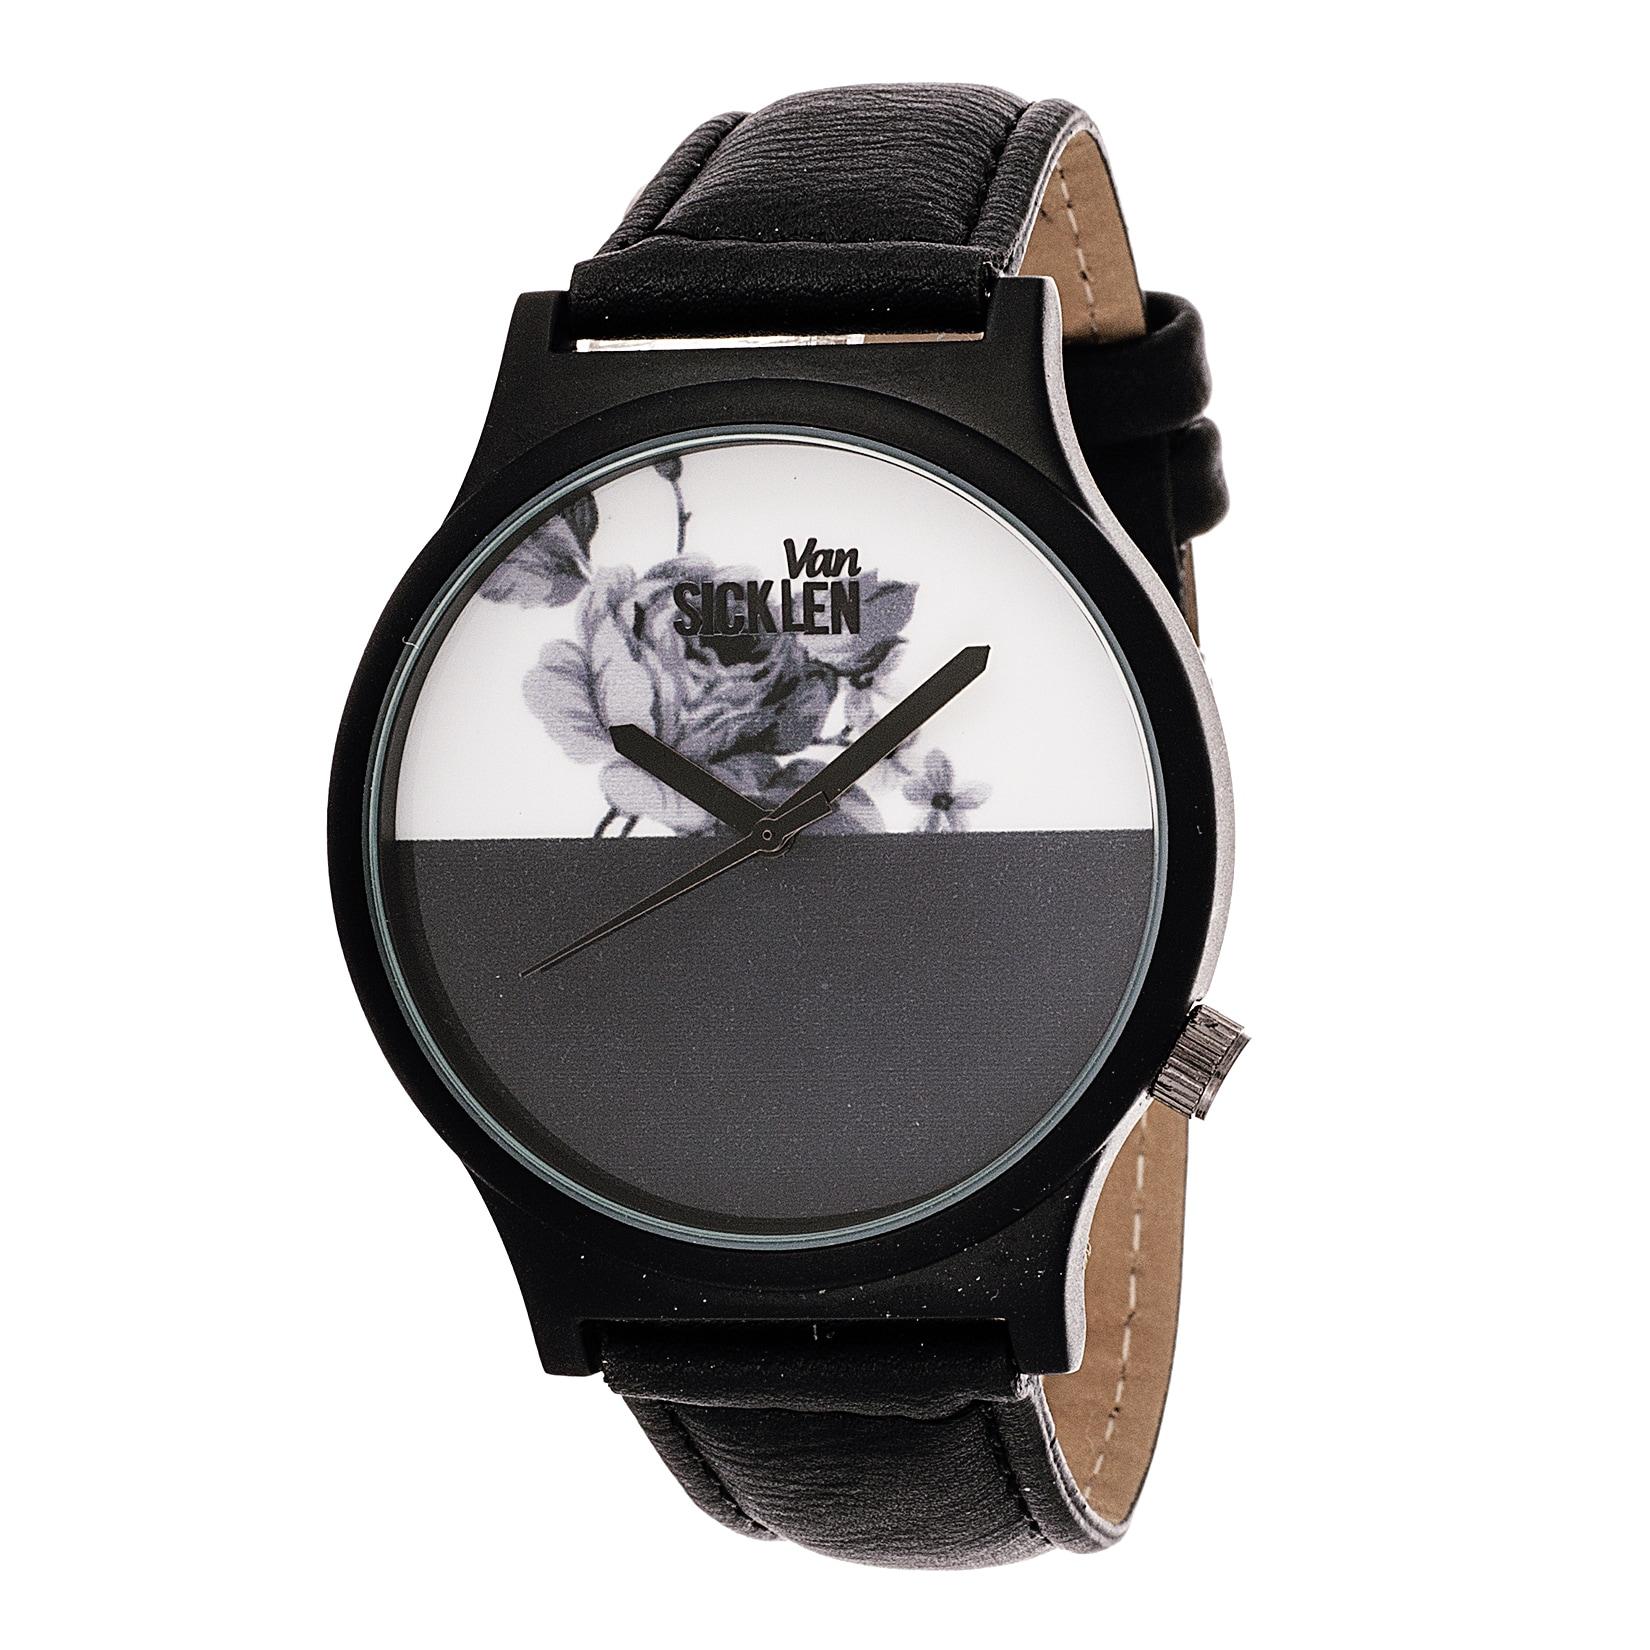 XTREME Van Sicklen Men's Black Rose Design Gun Watch (Bla...